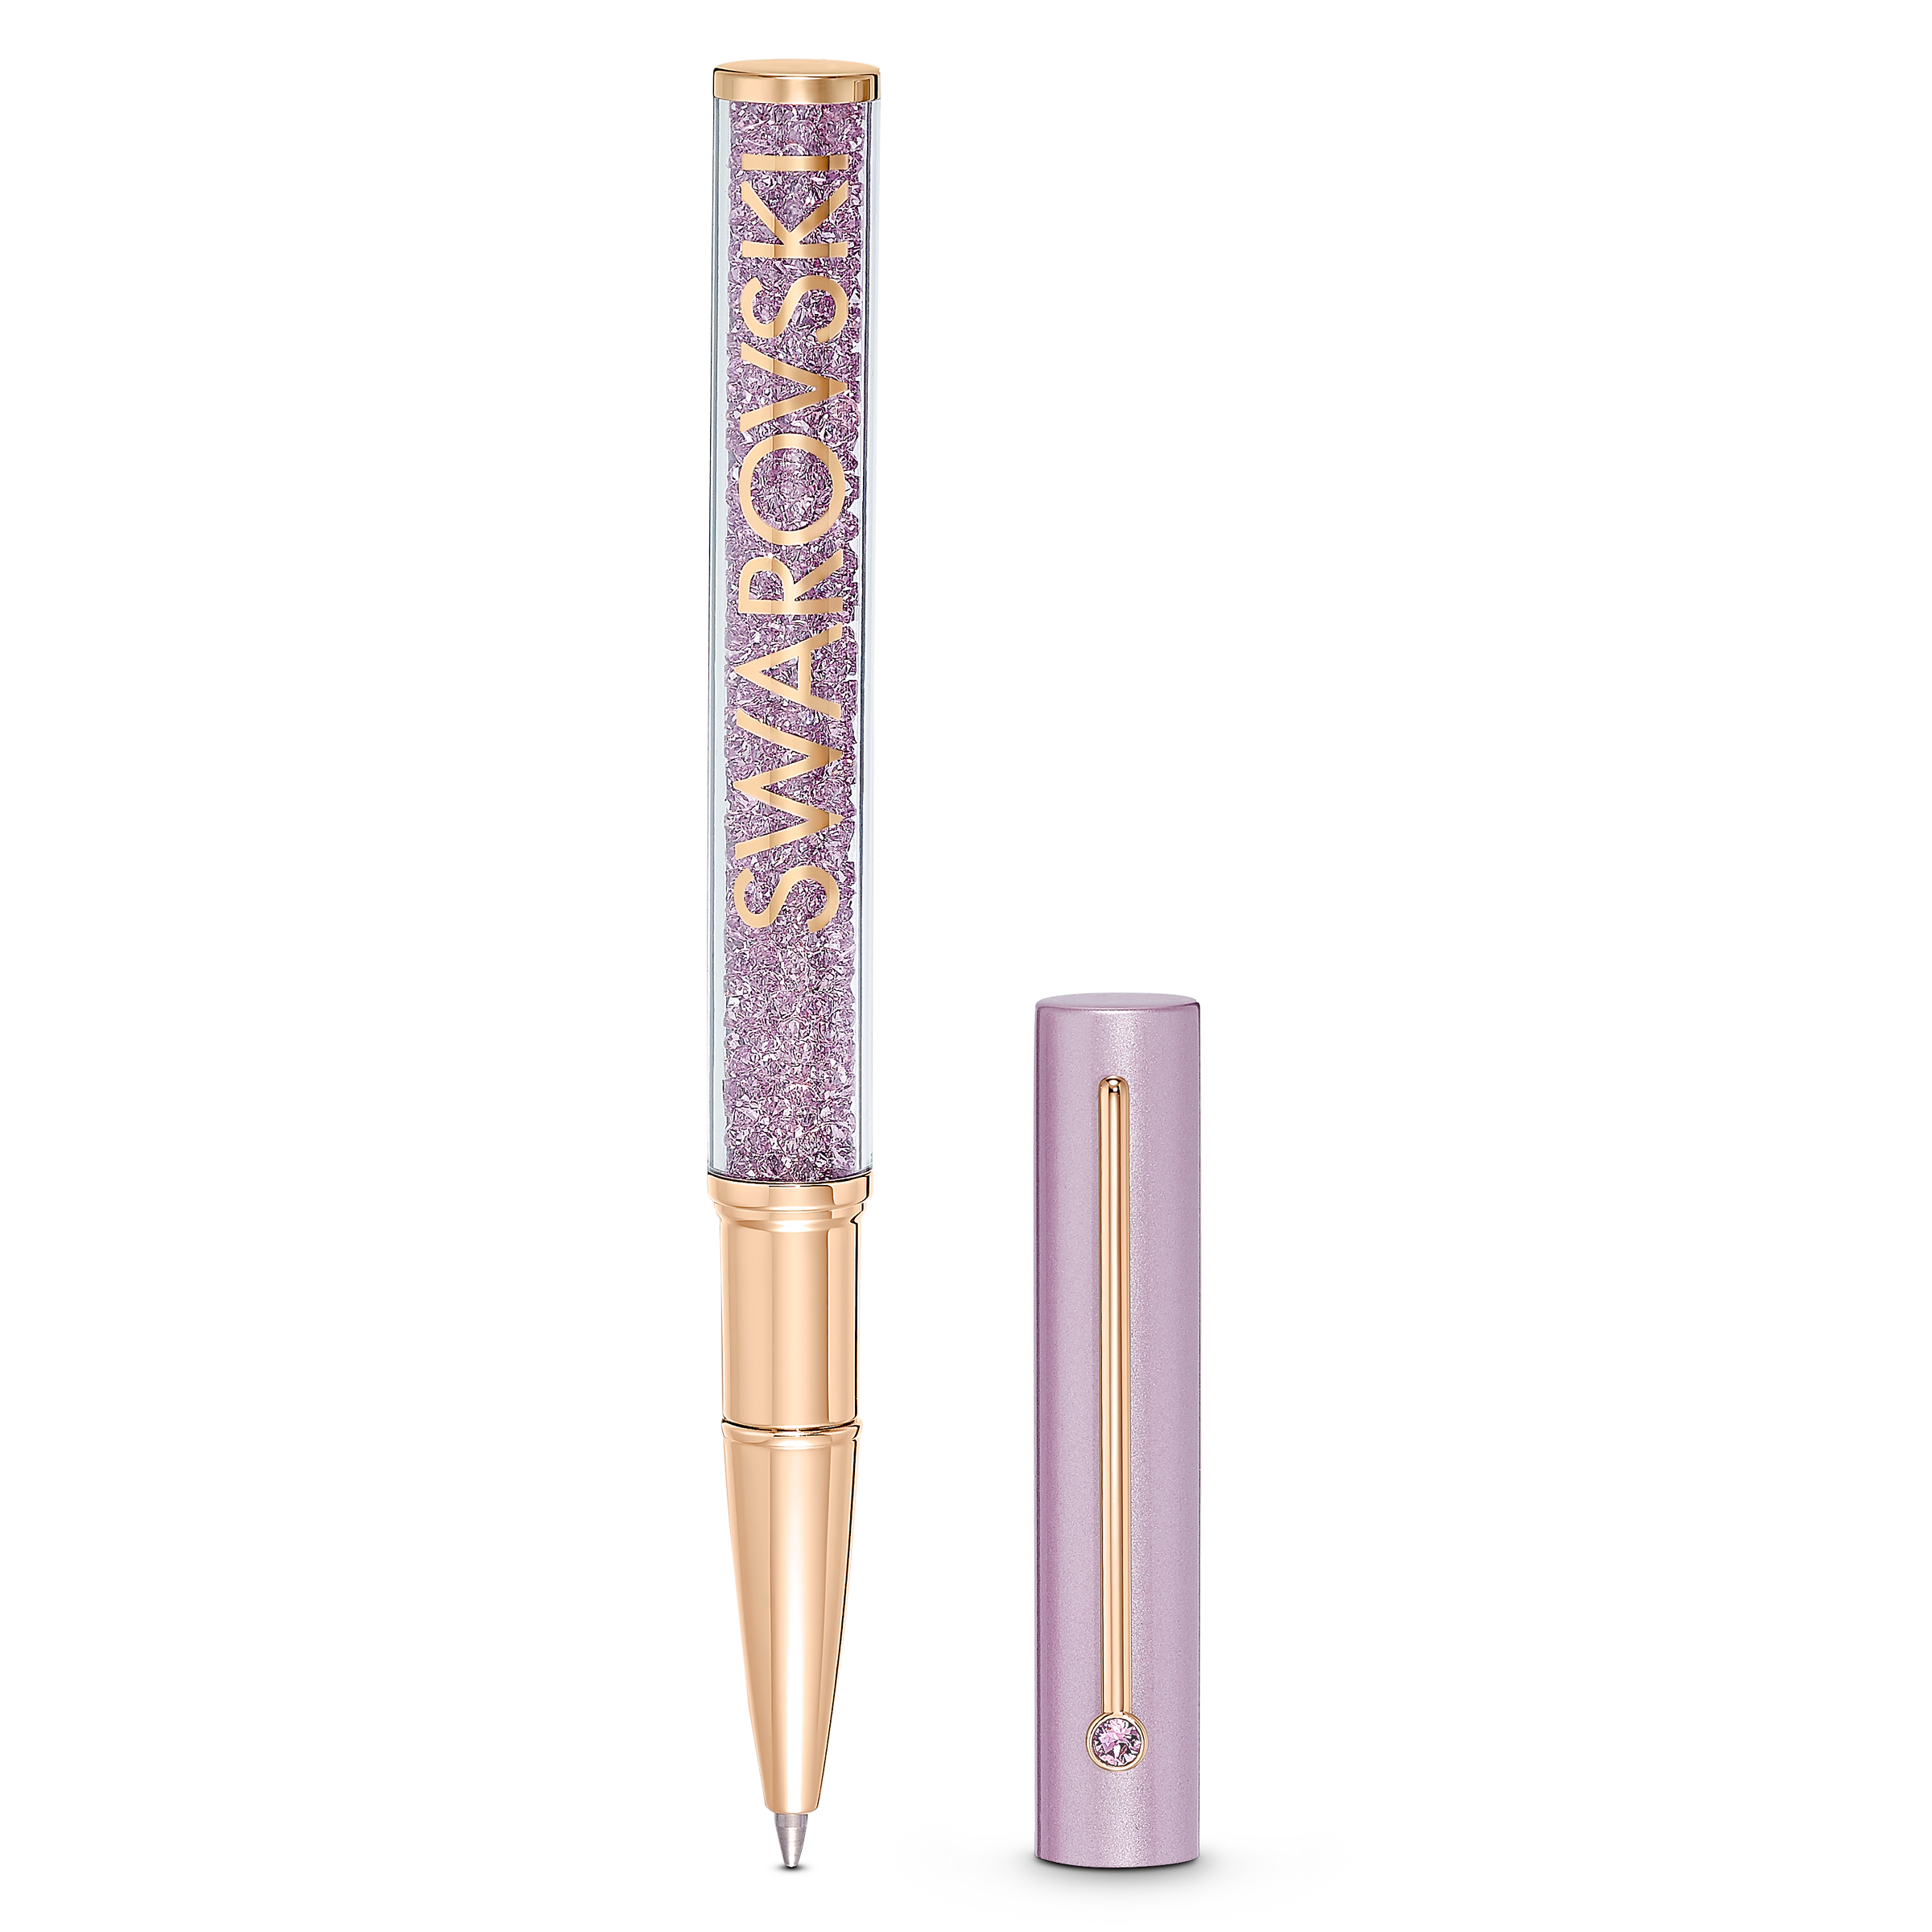 قلم حبر جاف Crystalline Gloss، لون أرجواني، طلاء ذهبي وردي